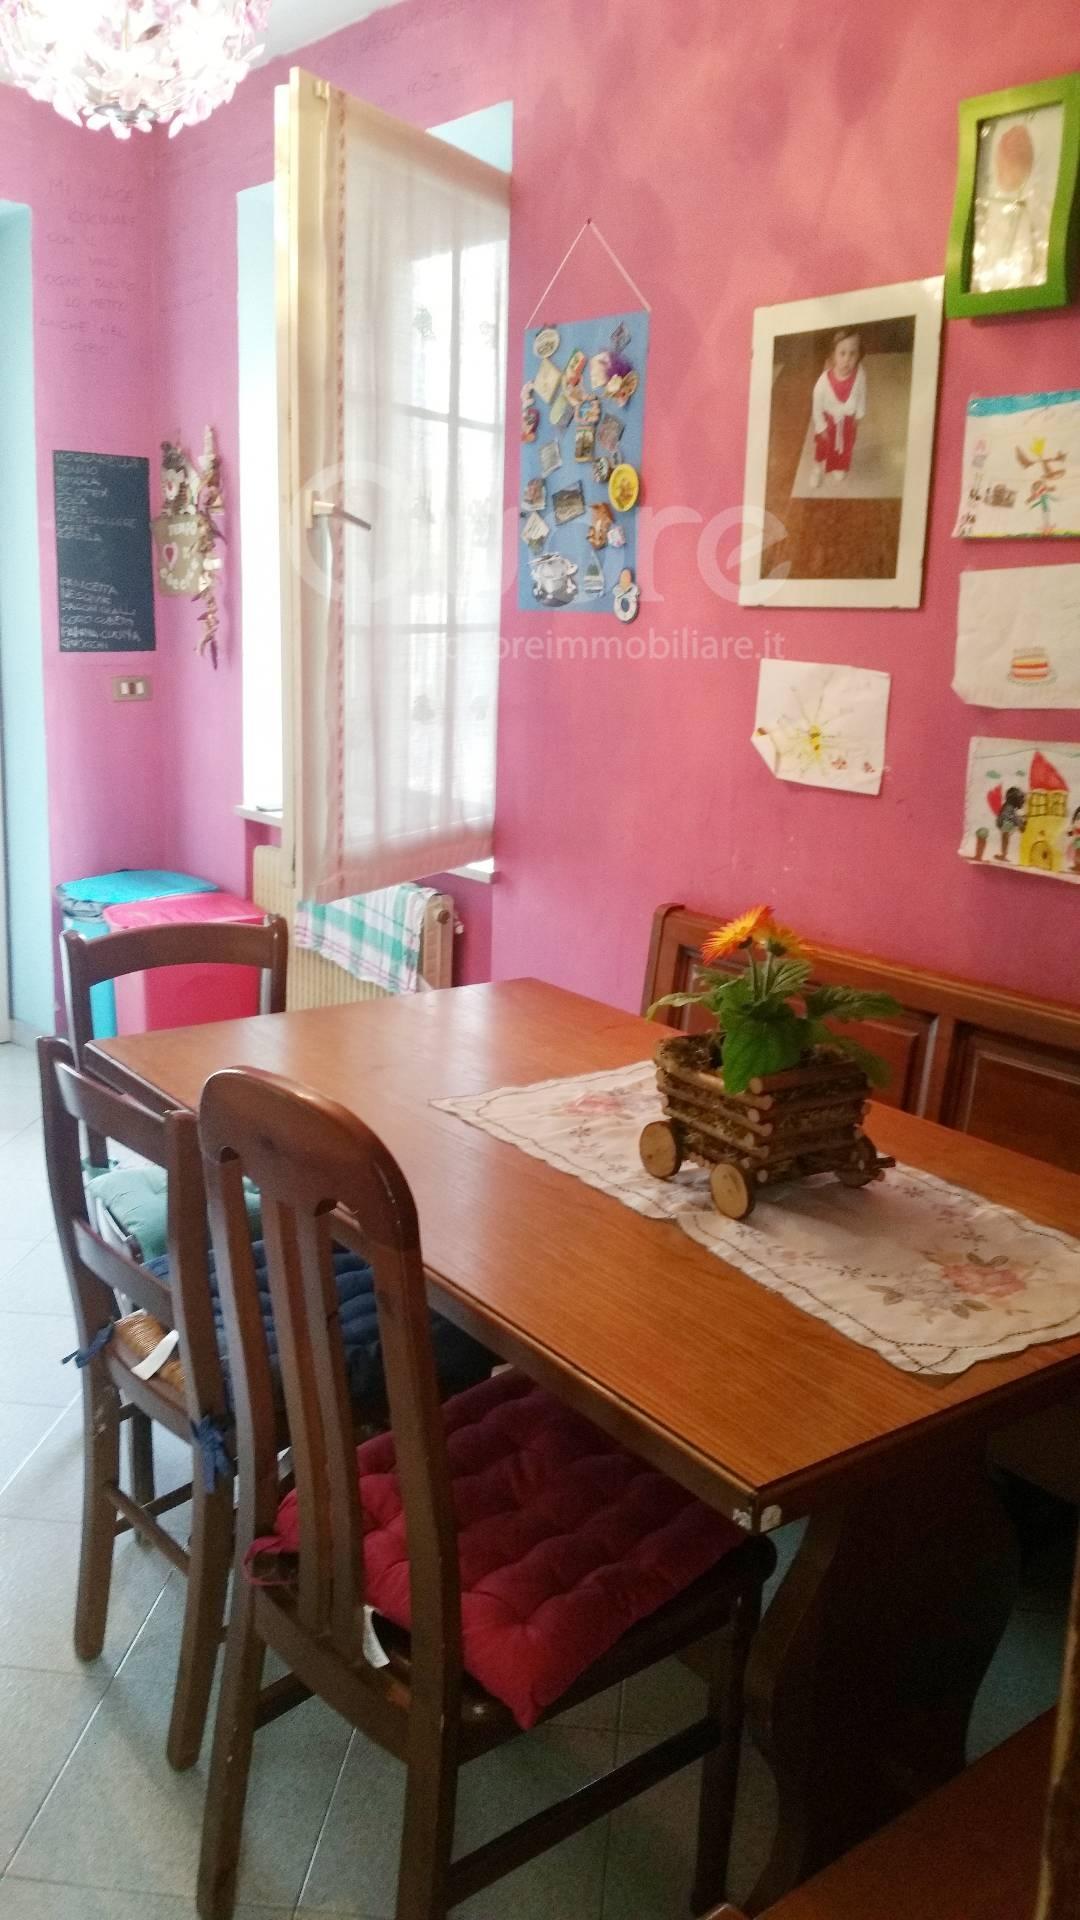 Soluzione Indipendente in vendita a Colloredo di Monte Albano, 6 locali, zona Zona: Mels, prezzo € 138.000 | CambioCasa.it